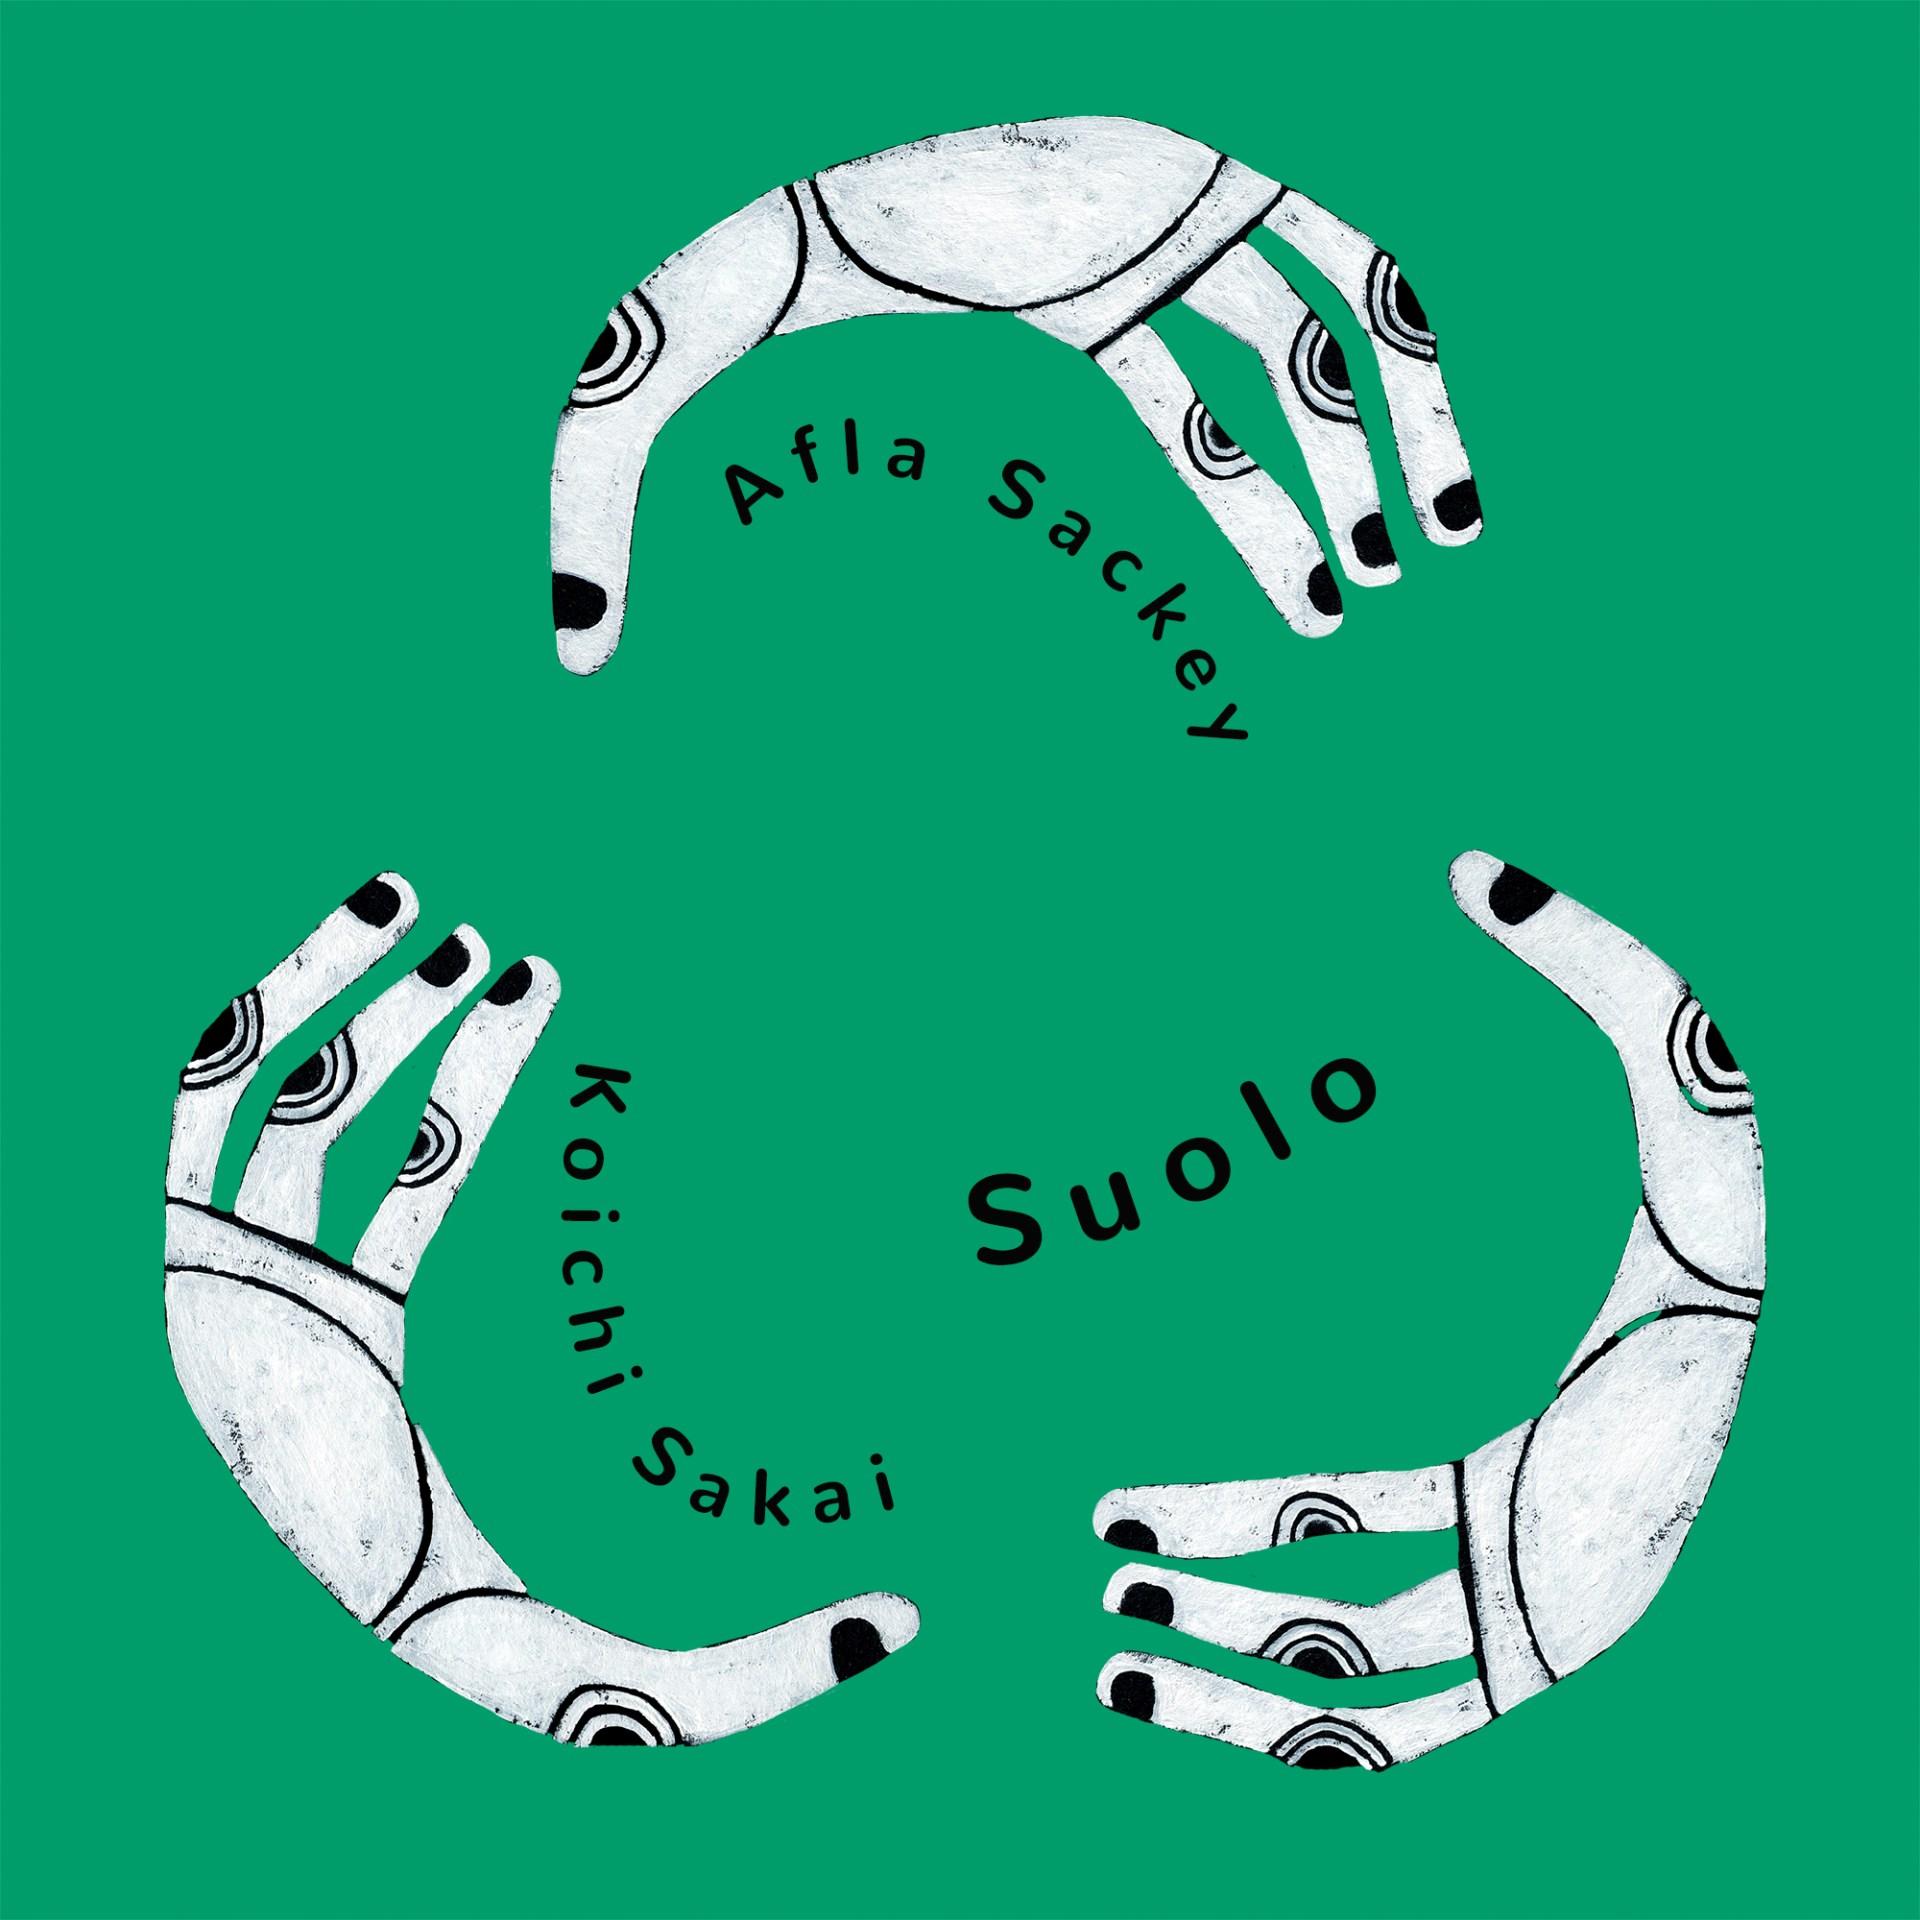 koichi-sakai-afla-sackey-suolo-single (1)